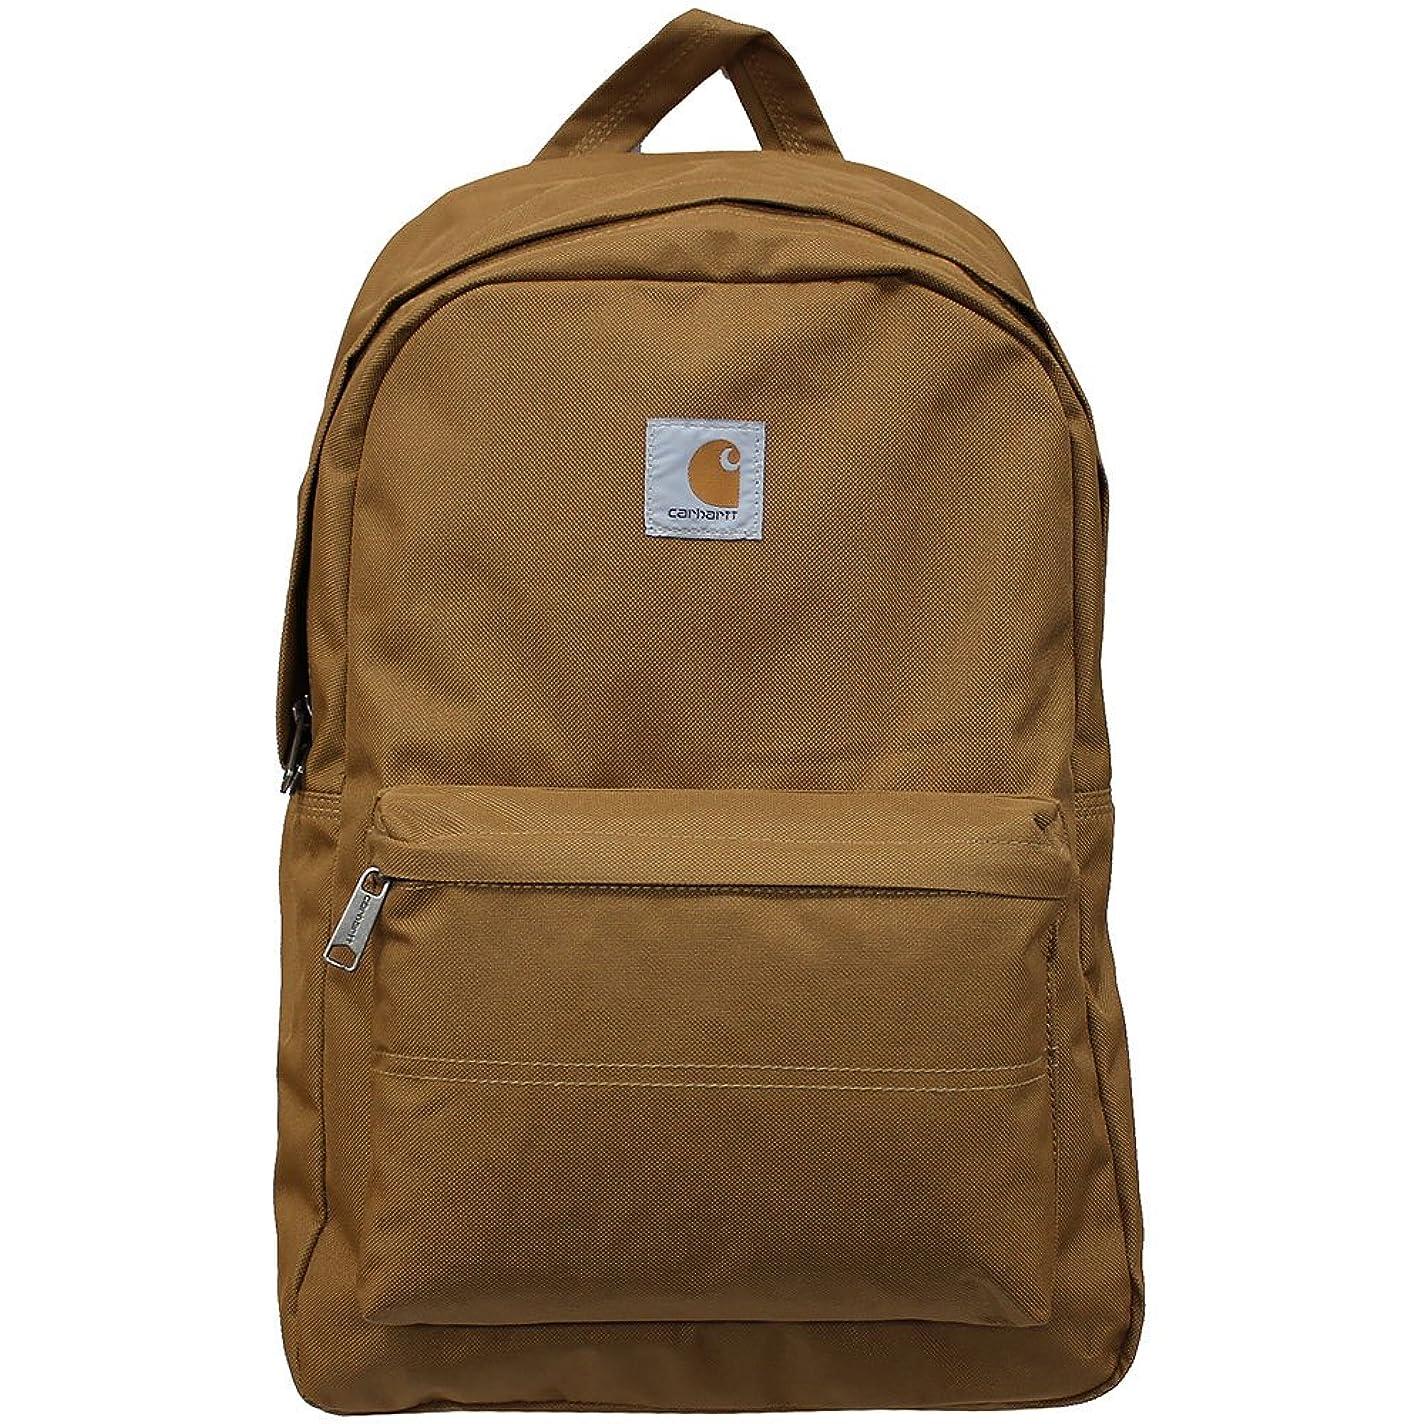 礼拝オプショナル鉄CARHARTT カーハート Trade Series Backpack トレードシリーズ バックパック デイパック リュックサック バッグ カバン メンズ レディース 100301 [並行輸入品]